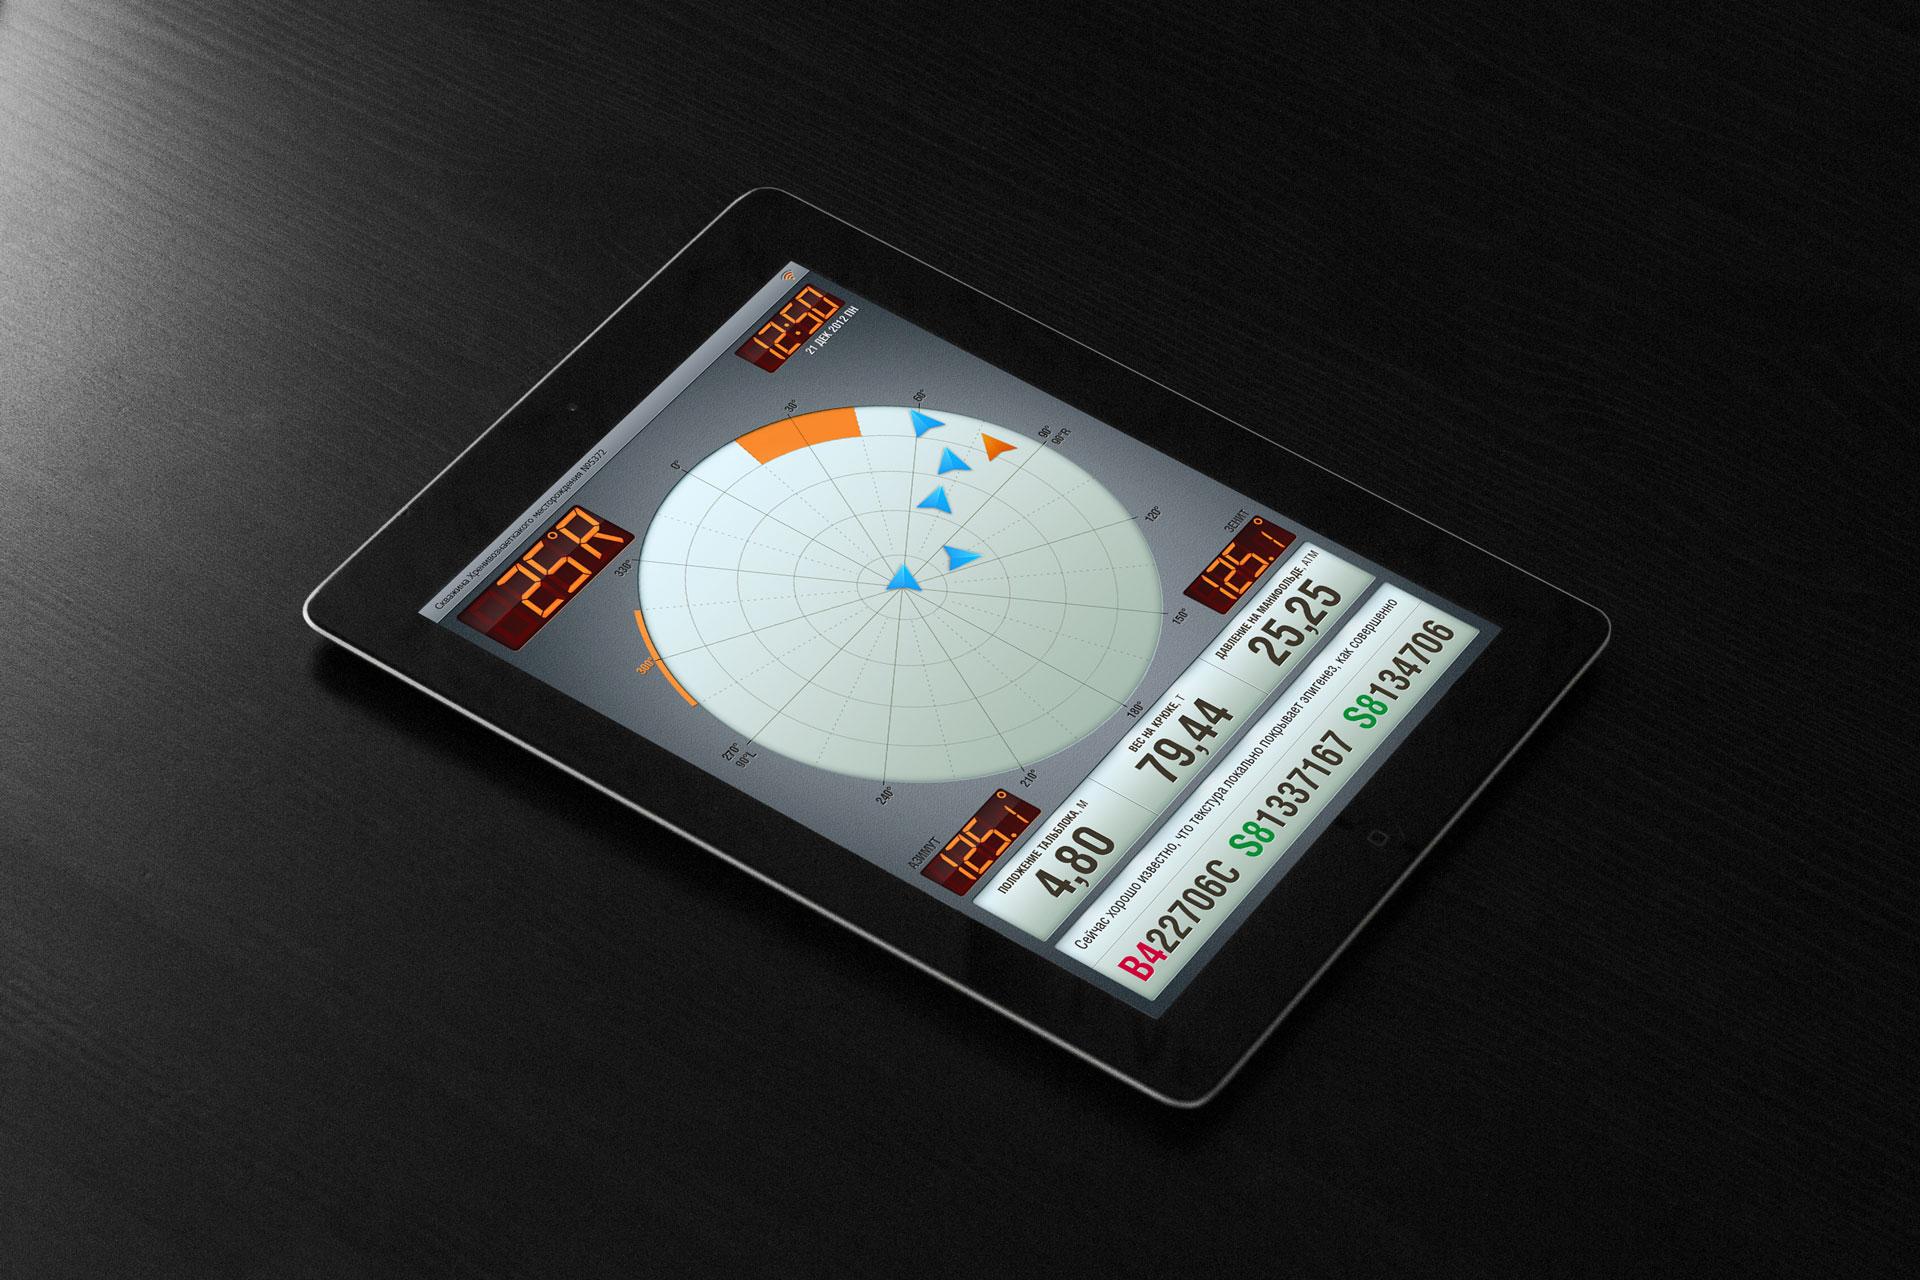 Дизайн интерфейса для телеметрического комплекса RFD, для компании ГЕРС-Технолоджи